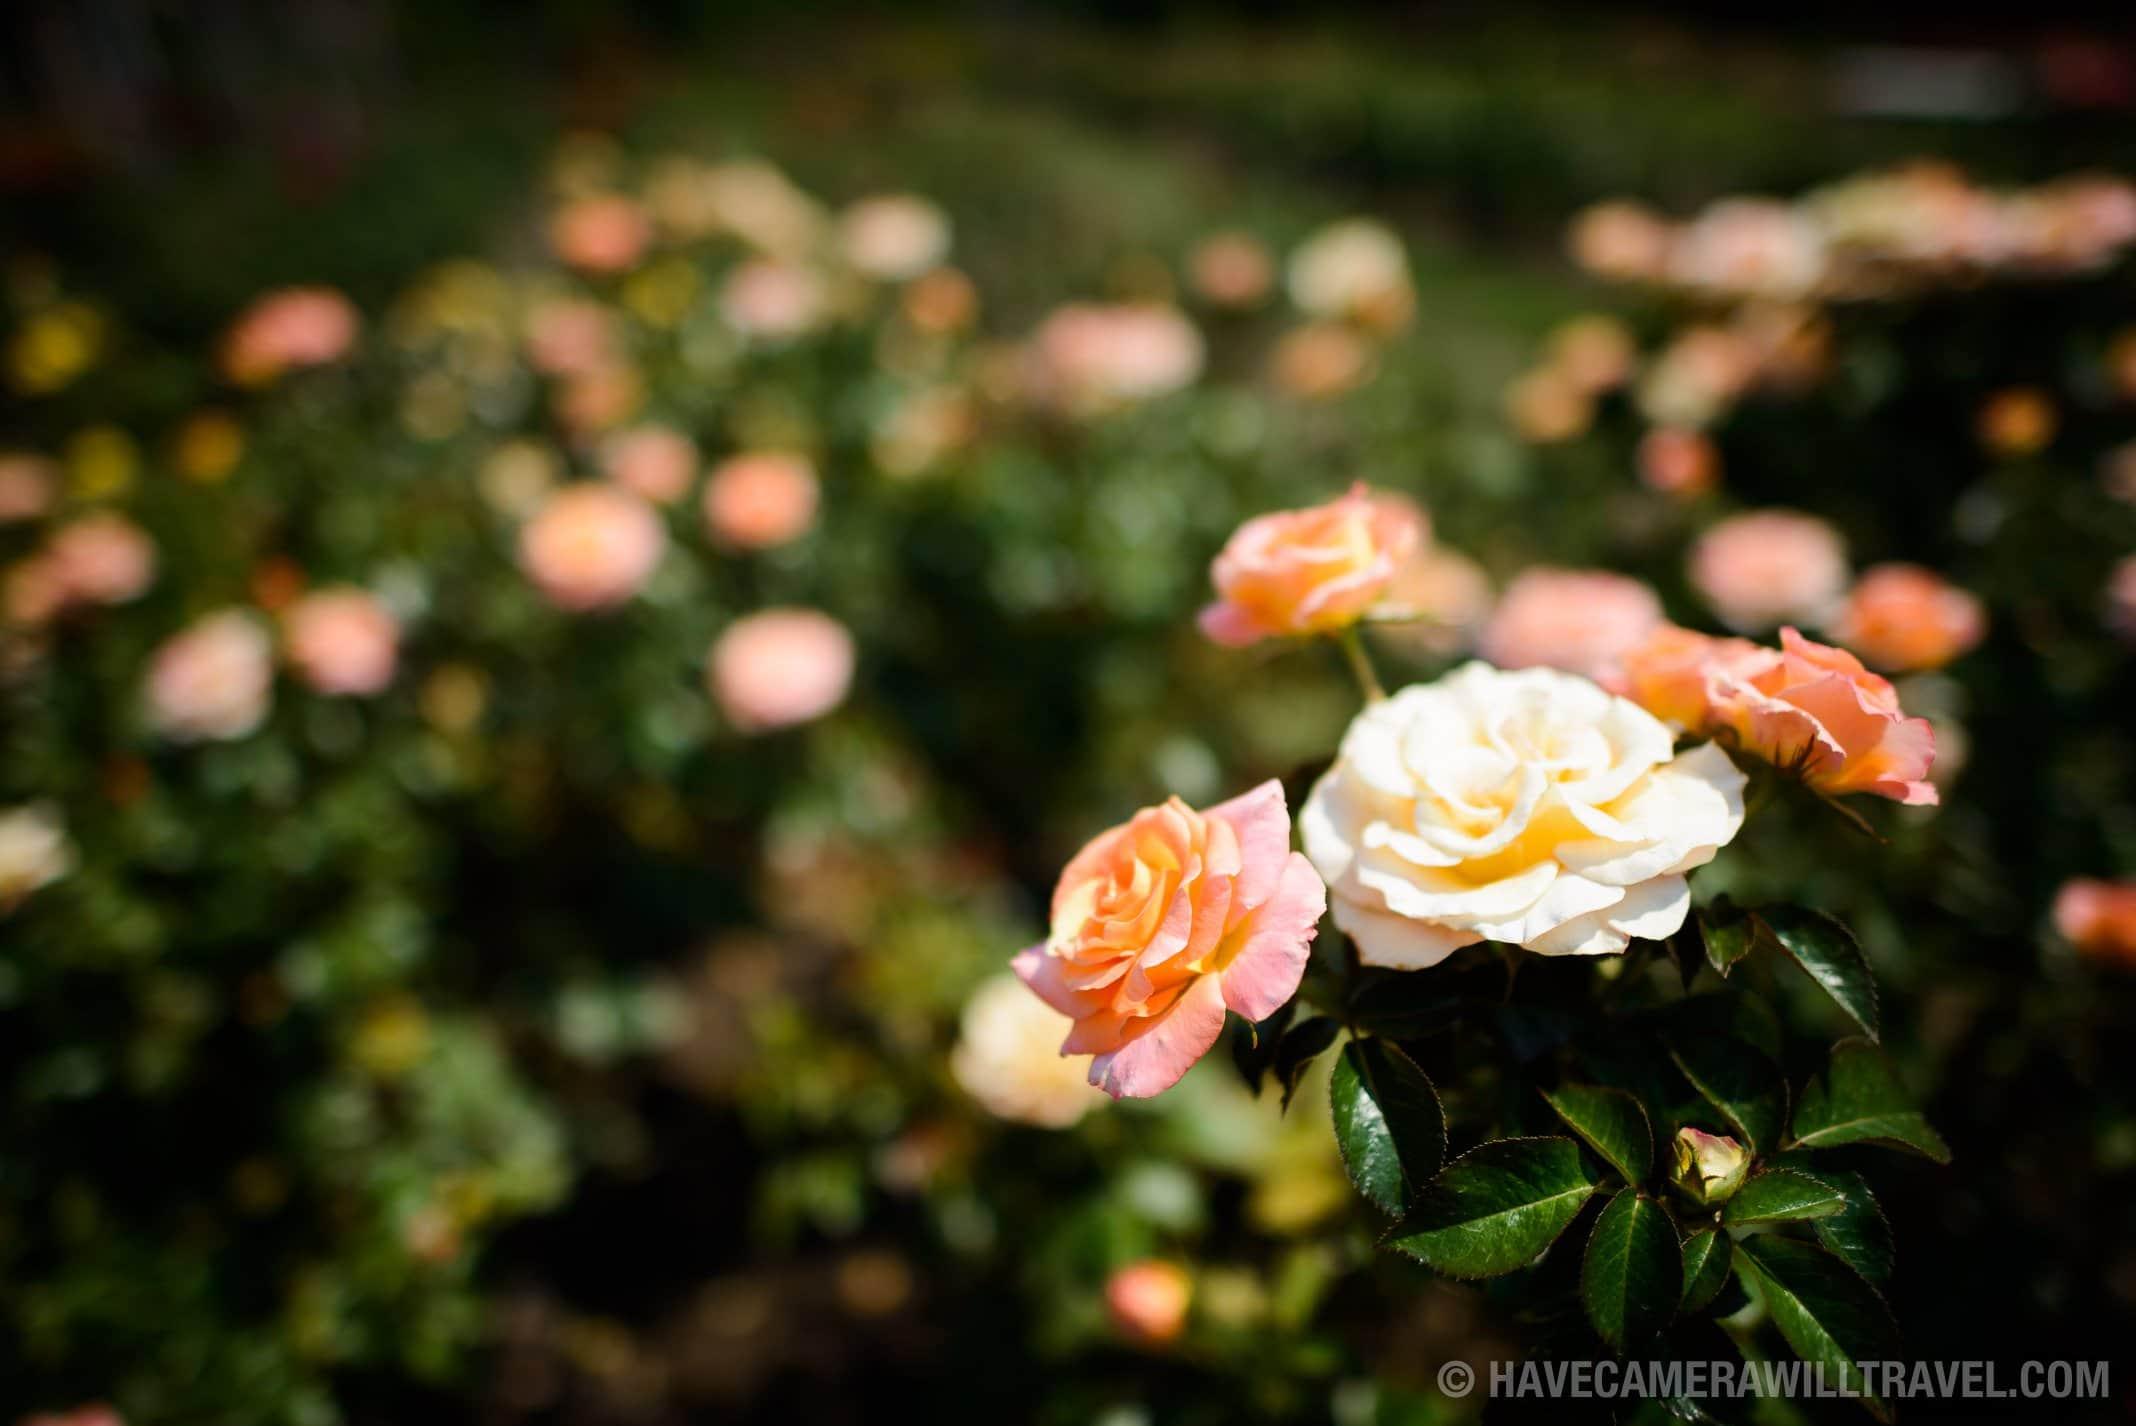 Rose Garden in Arlington Virginia Peach and White